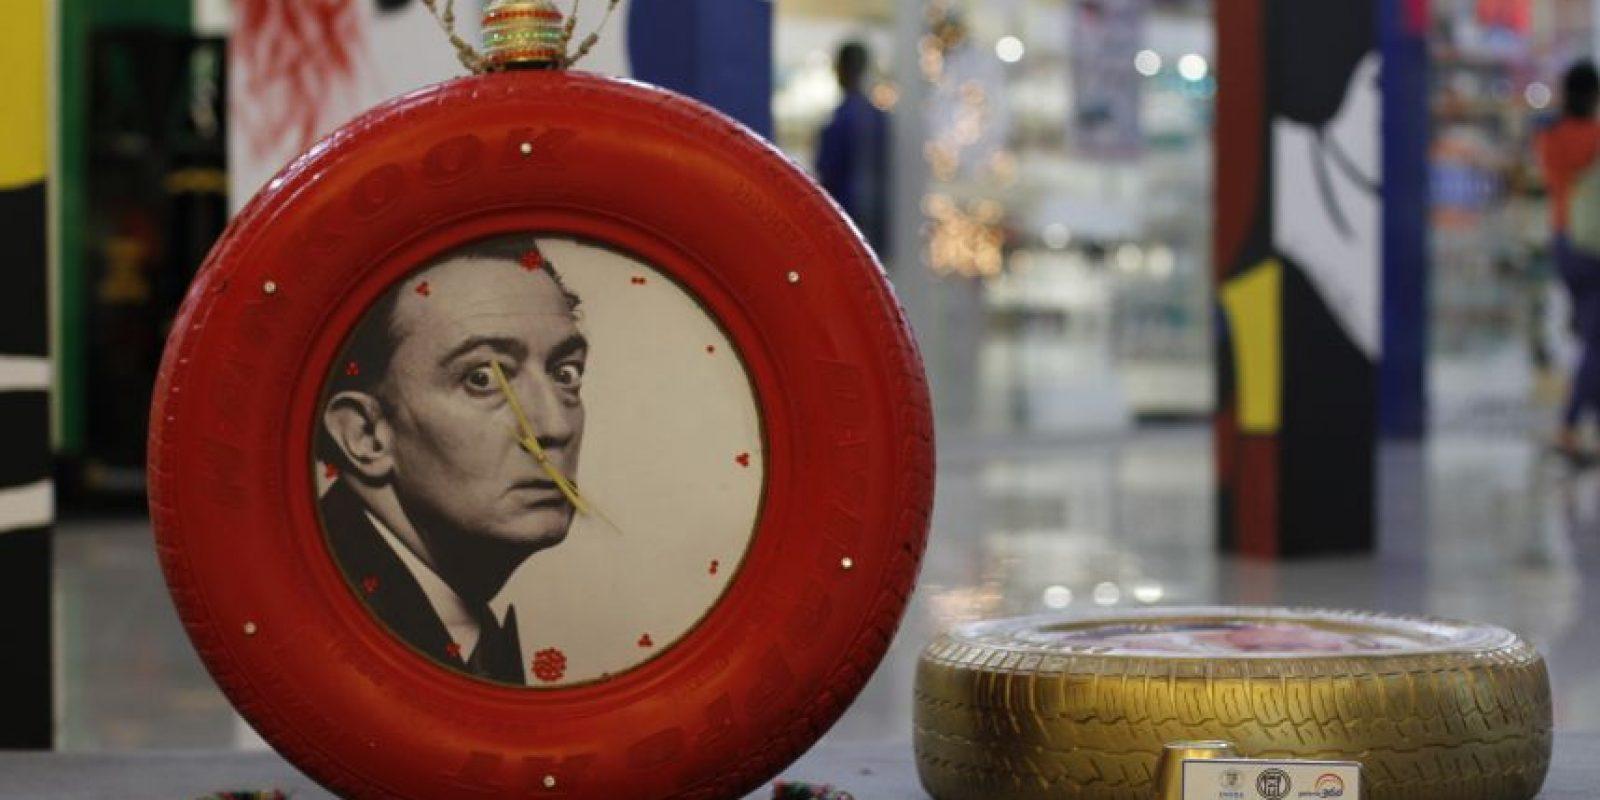 Si te encuentras caminando en los pasillos de Galería 360 y a distancia ves gomas intervenidas y colores brillantes, no lo pases por alto. Párate y descubre cómo los estudiantes de la clase de Expresión Creativa de la Escuela de Diseño de Interiores de UNIBE, en el marco de la semana de España, rindieron homenaje al maestro surrealista y al siempre perseguidor del tiempo: Salvador Dalí Foto: : Roberto Guzmán